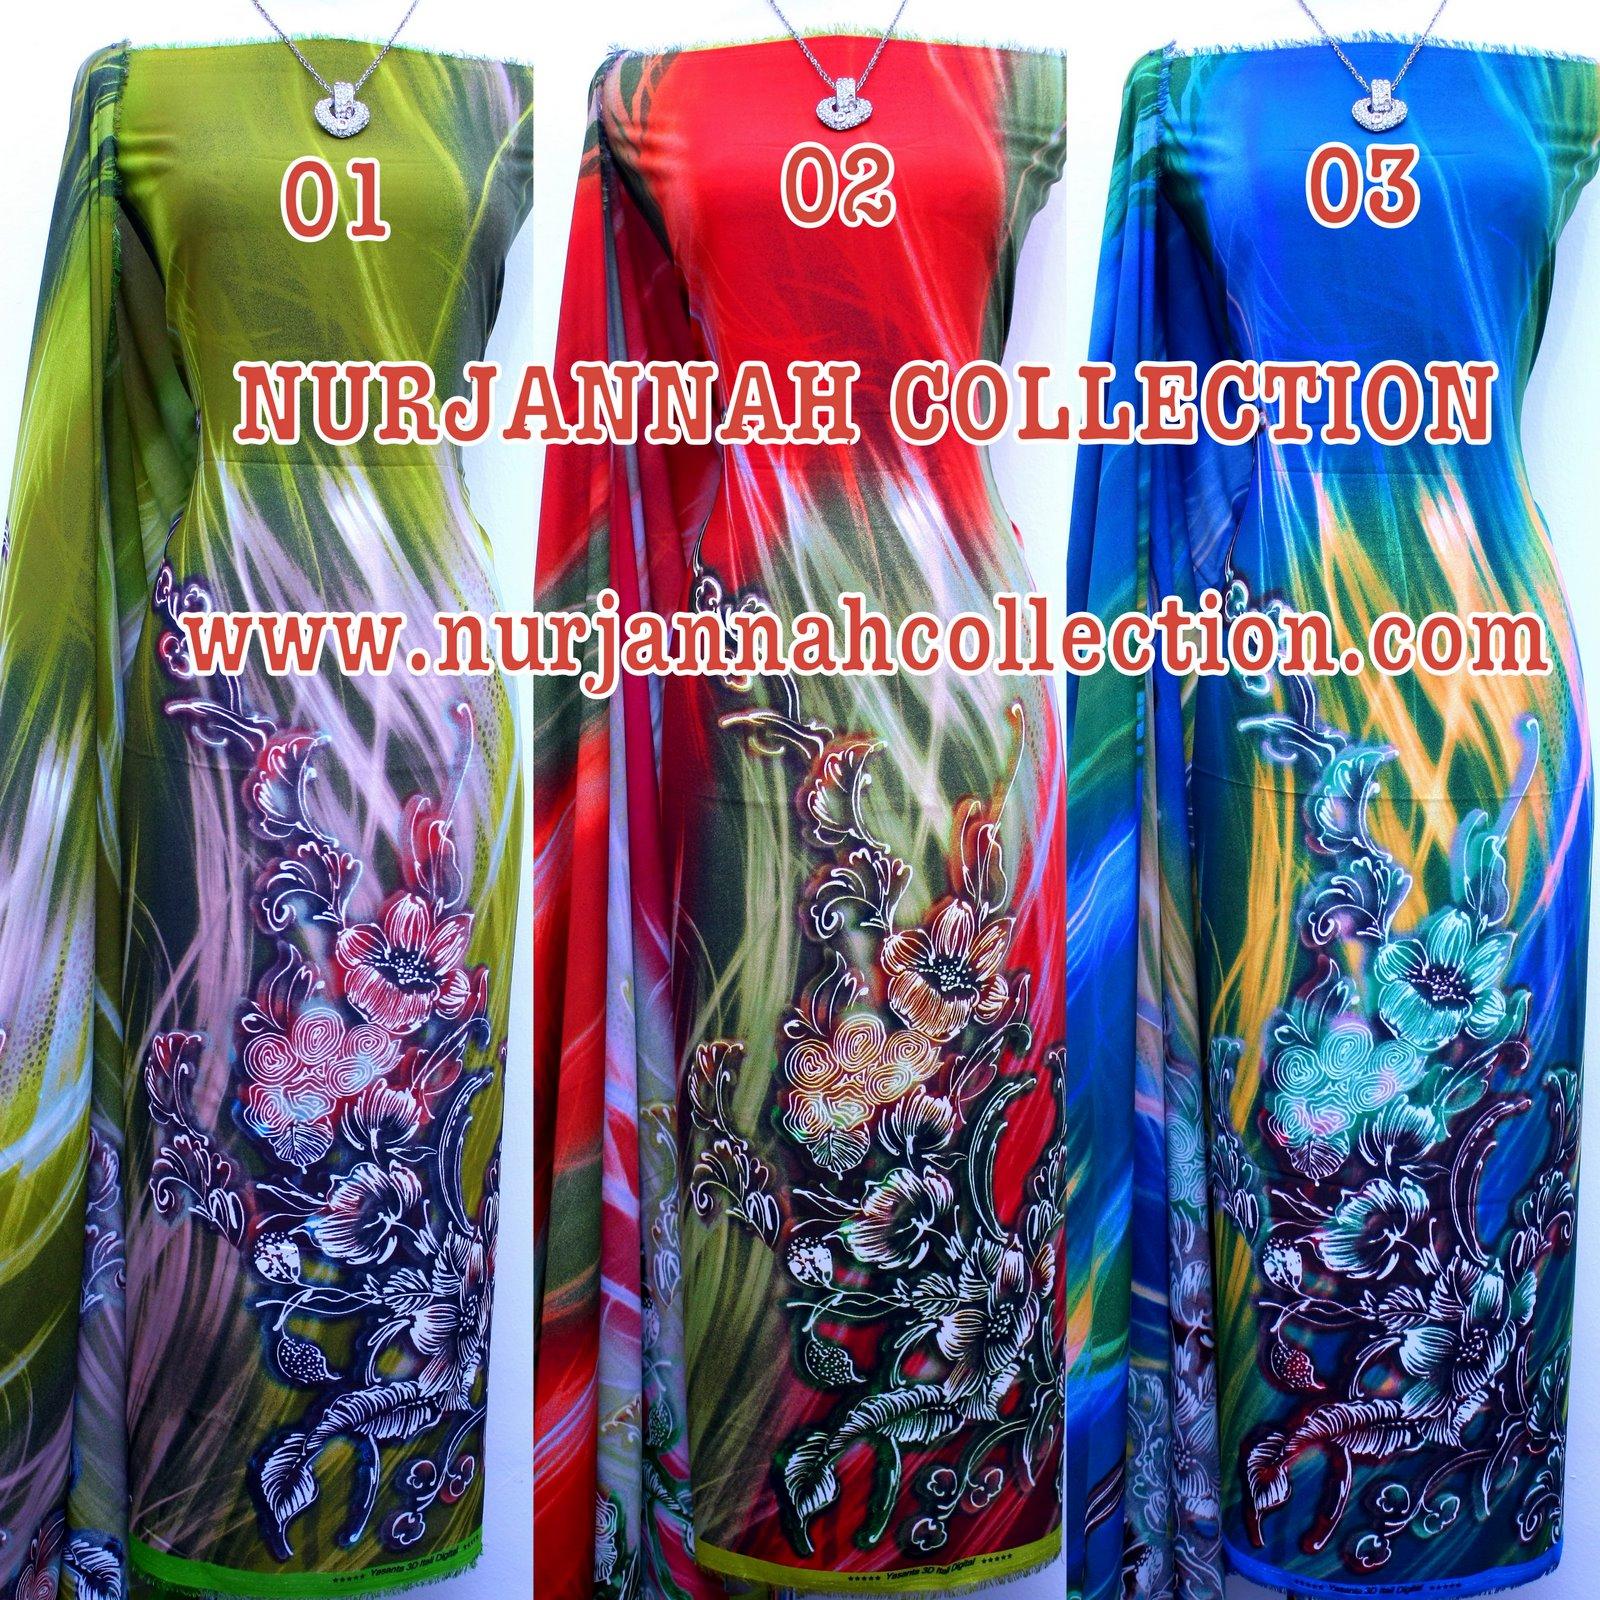 kain 3d yasanta terbaru borong rm40 runcit 3pcs rm180 utk order sila